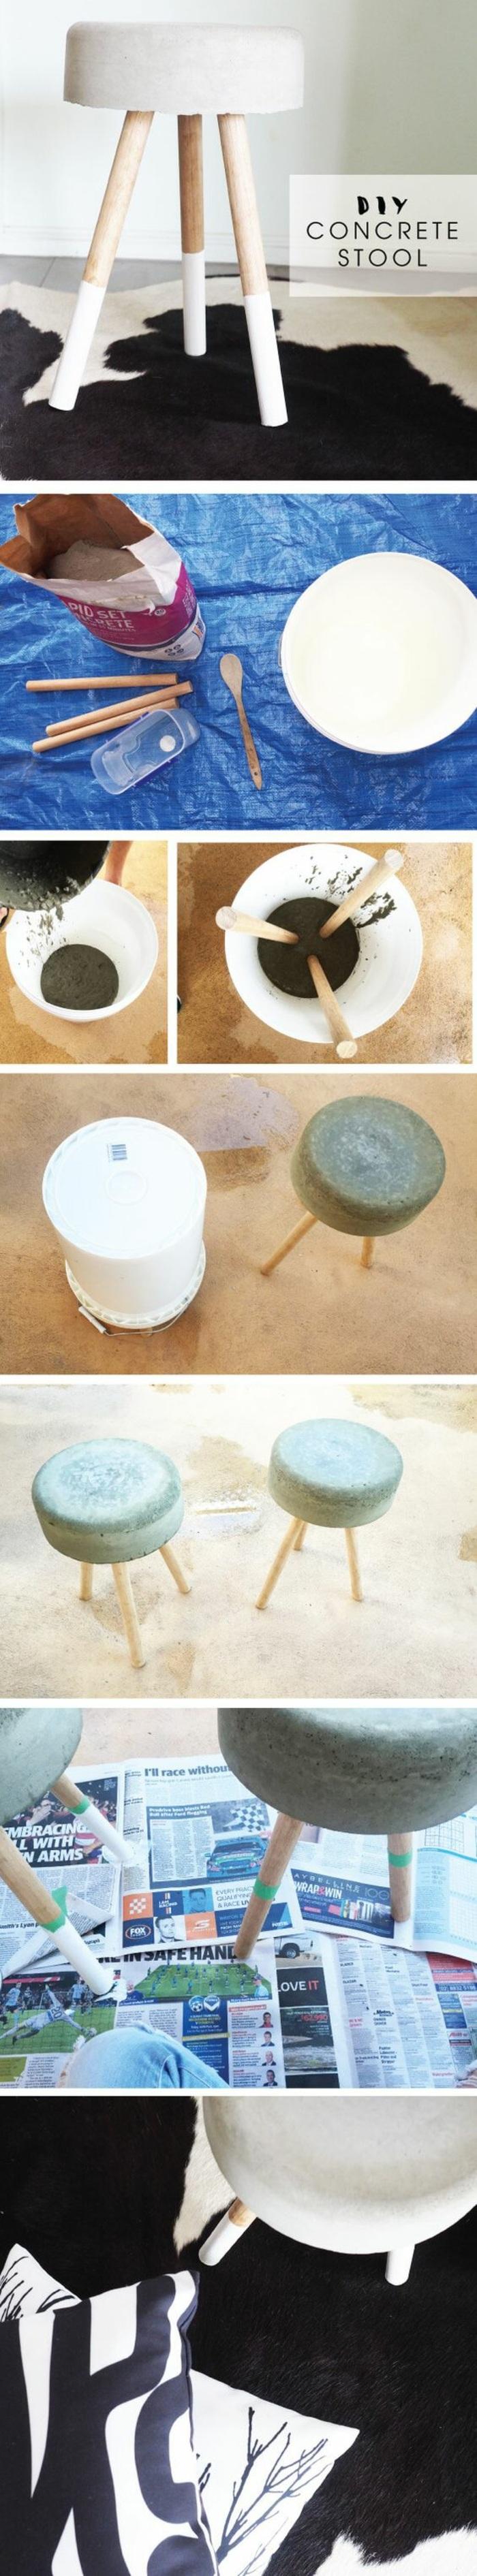 basteln mit beton und holz - diy hocker, weißer eimer, holzlöffel